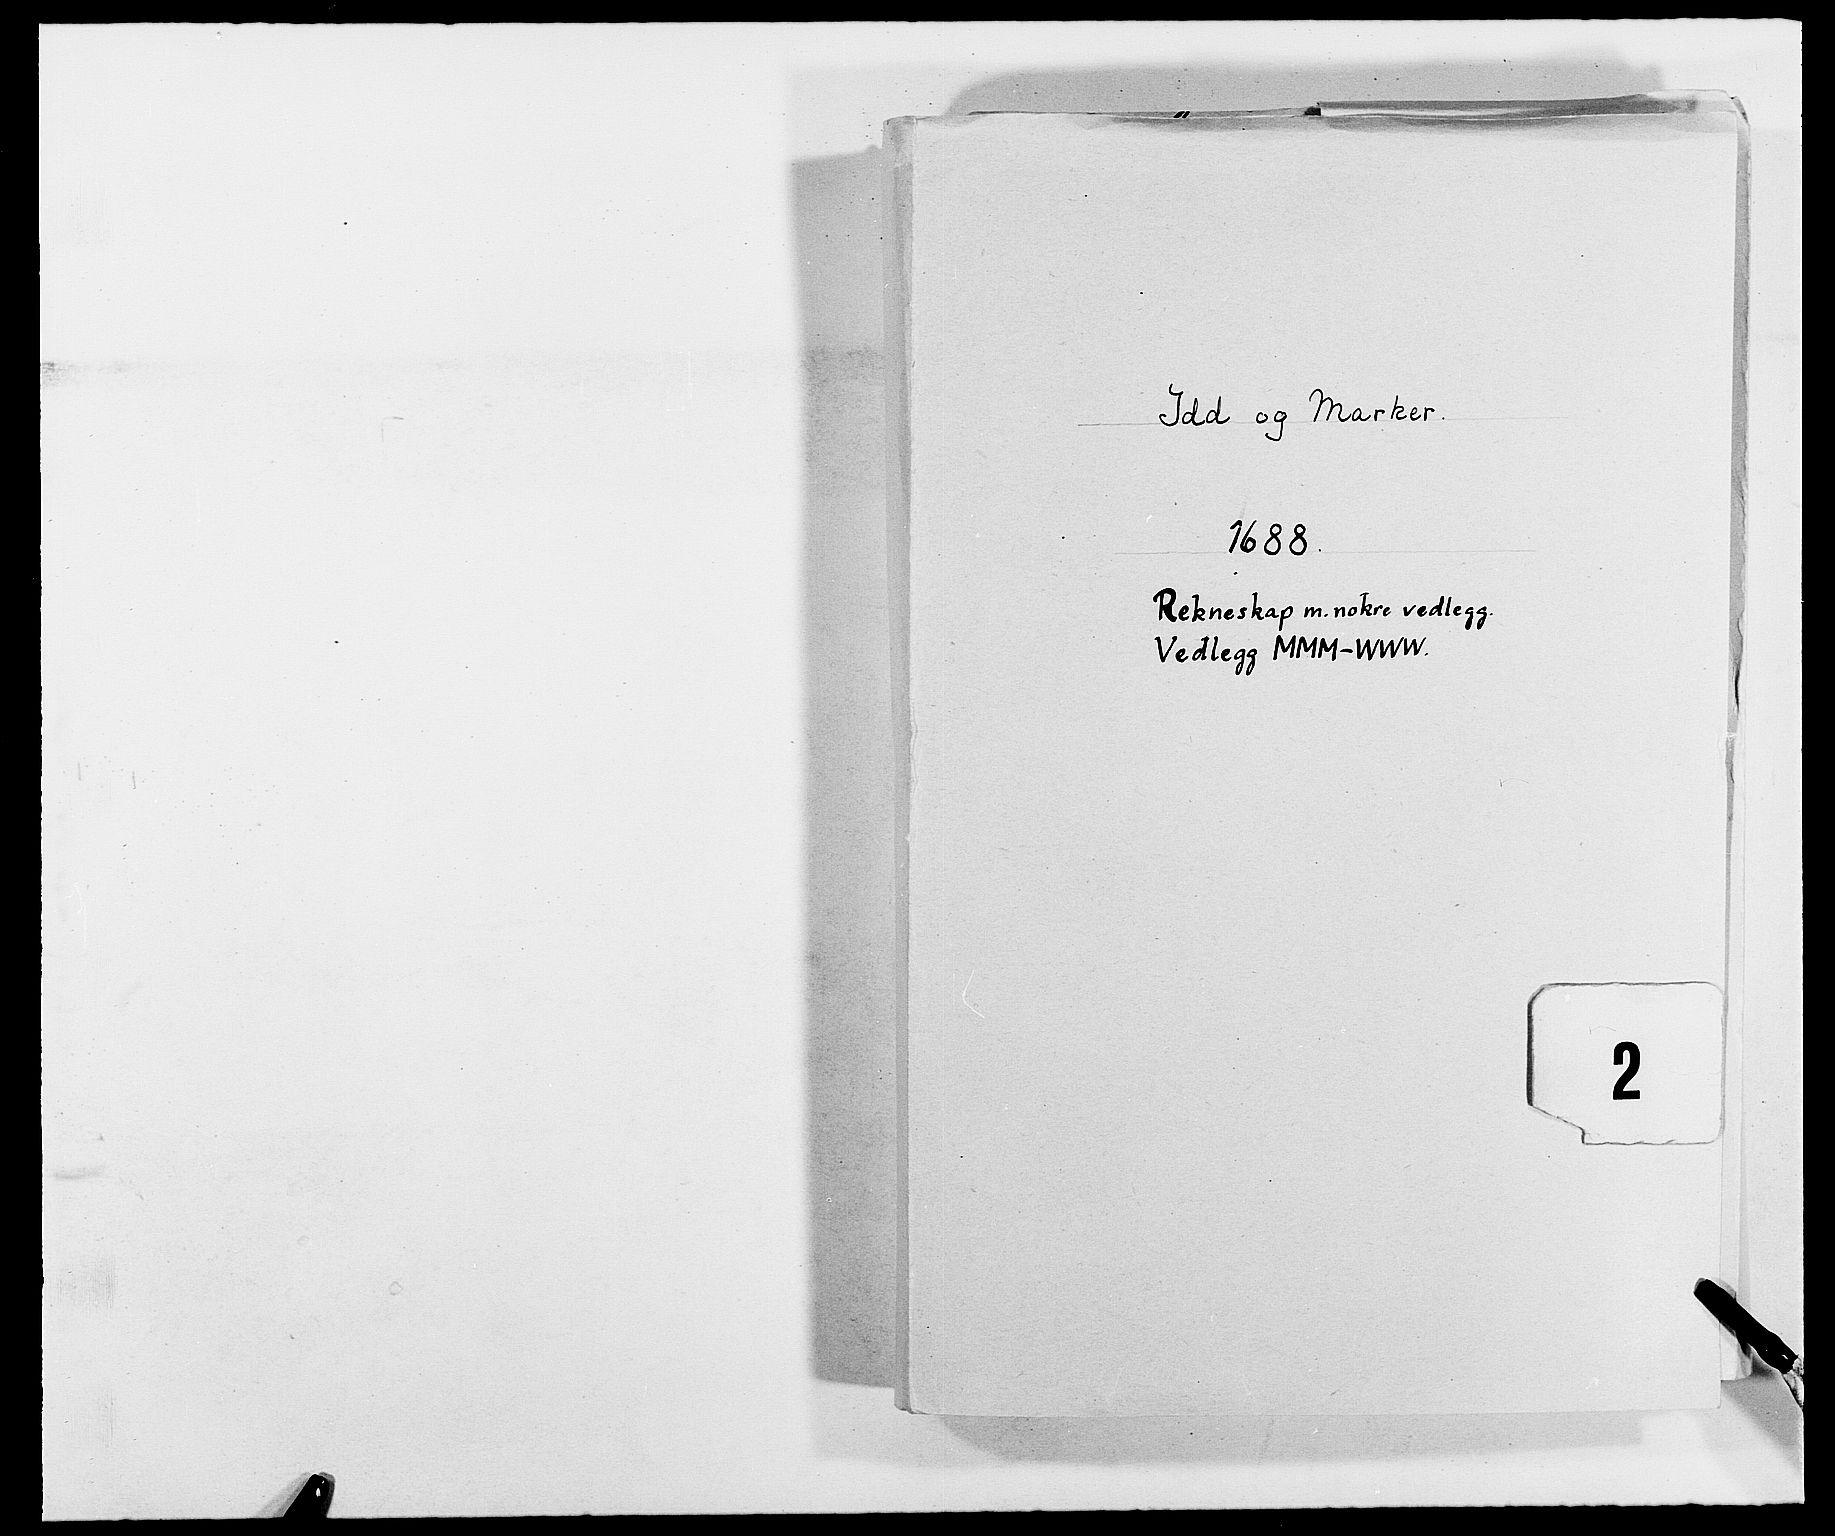 RA, Rentekammeret inntil 1814, Reviderte regnskaper, Fogderegnskap, R01/L0007: Fogderegnskap Idd og Marker, 1687-1688, s. 200